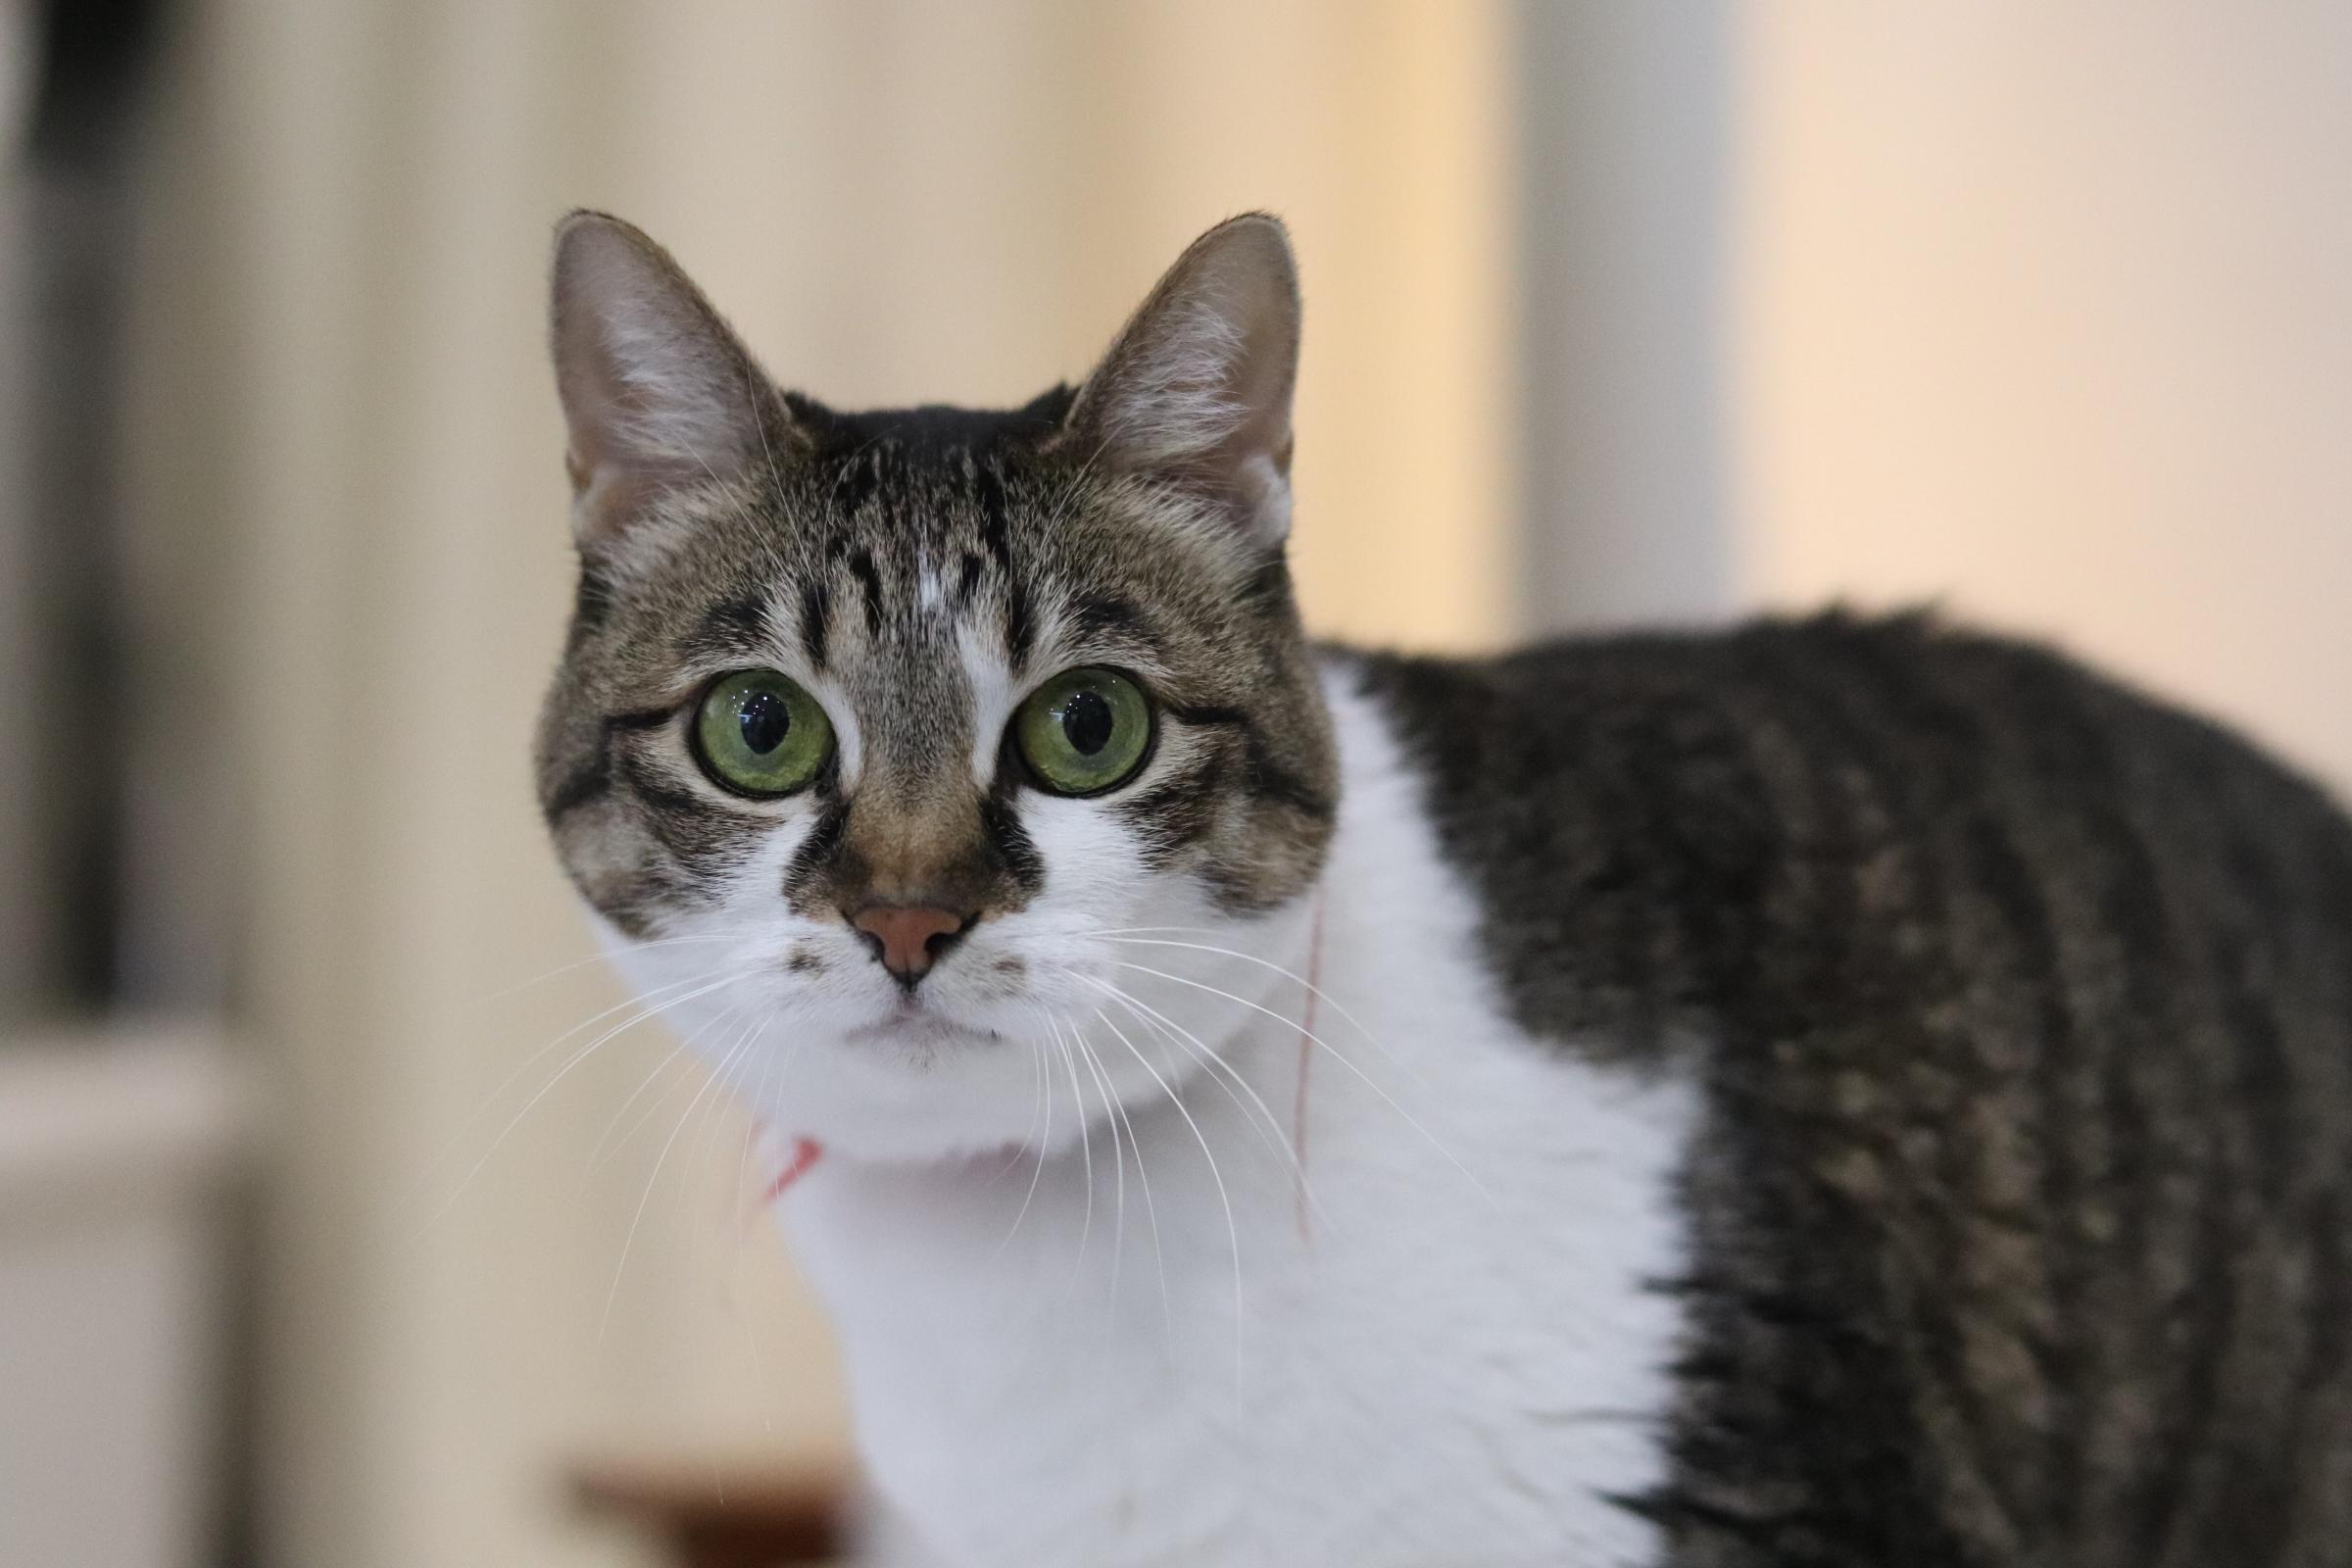 <ul> <li>猫種:日本猫 キジトラ白</li> <li>性別:女の子</li> <li>名前:みぃー</li> <li>年齢:12歳</li> <li>保護経緯:飼い主様が亡くなられため飼育困難になりました</li> </ul>